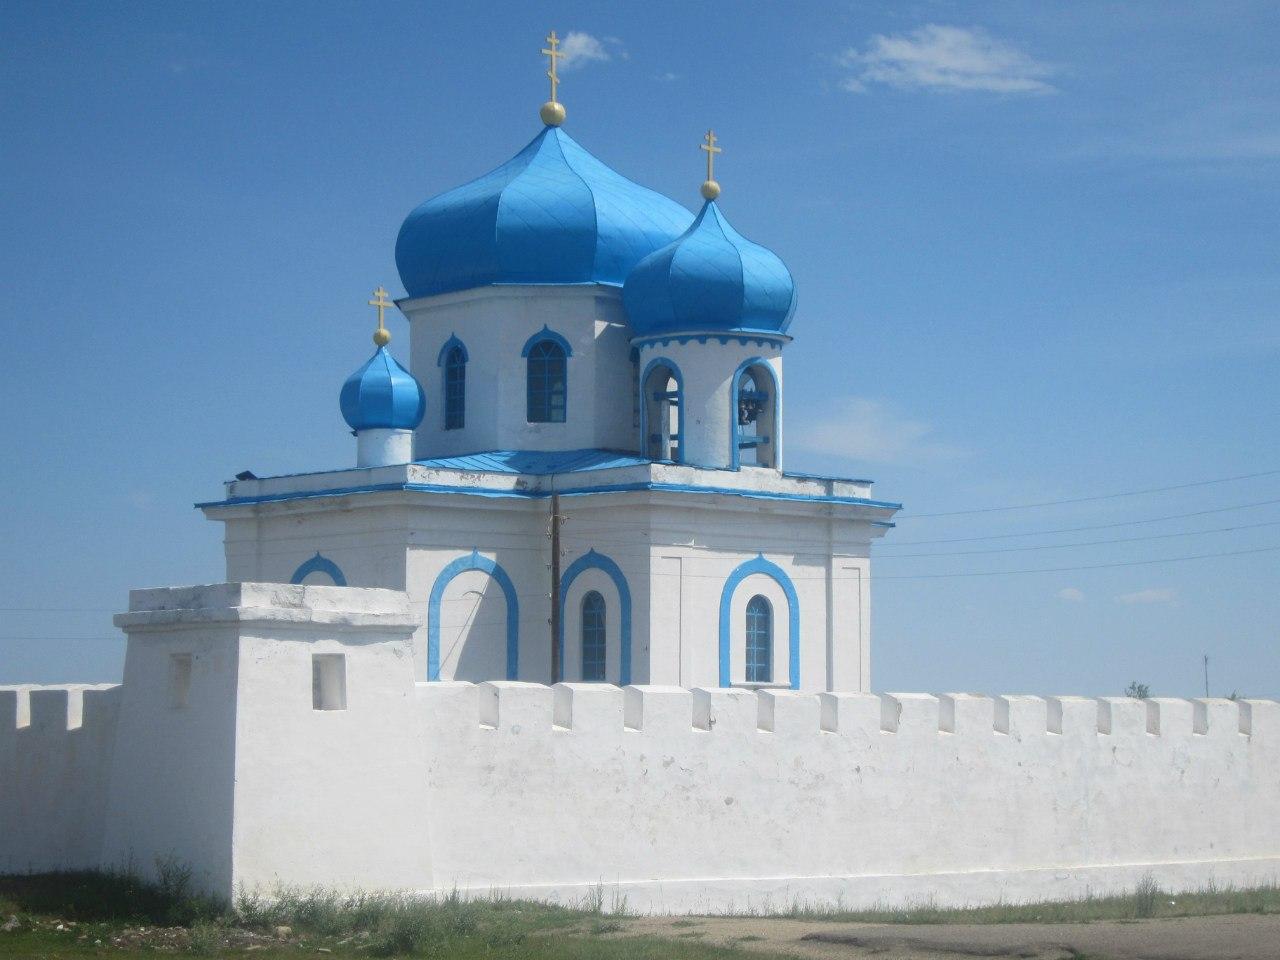 Внутри имеется православный храм (25.06.2013)